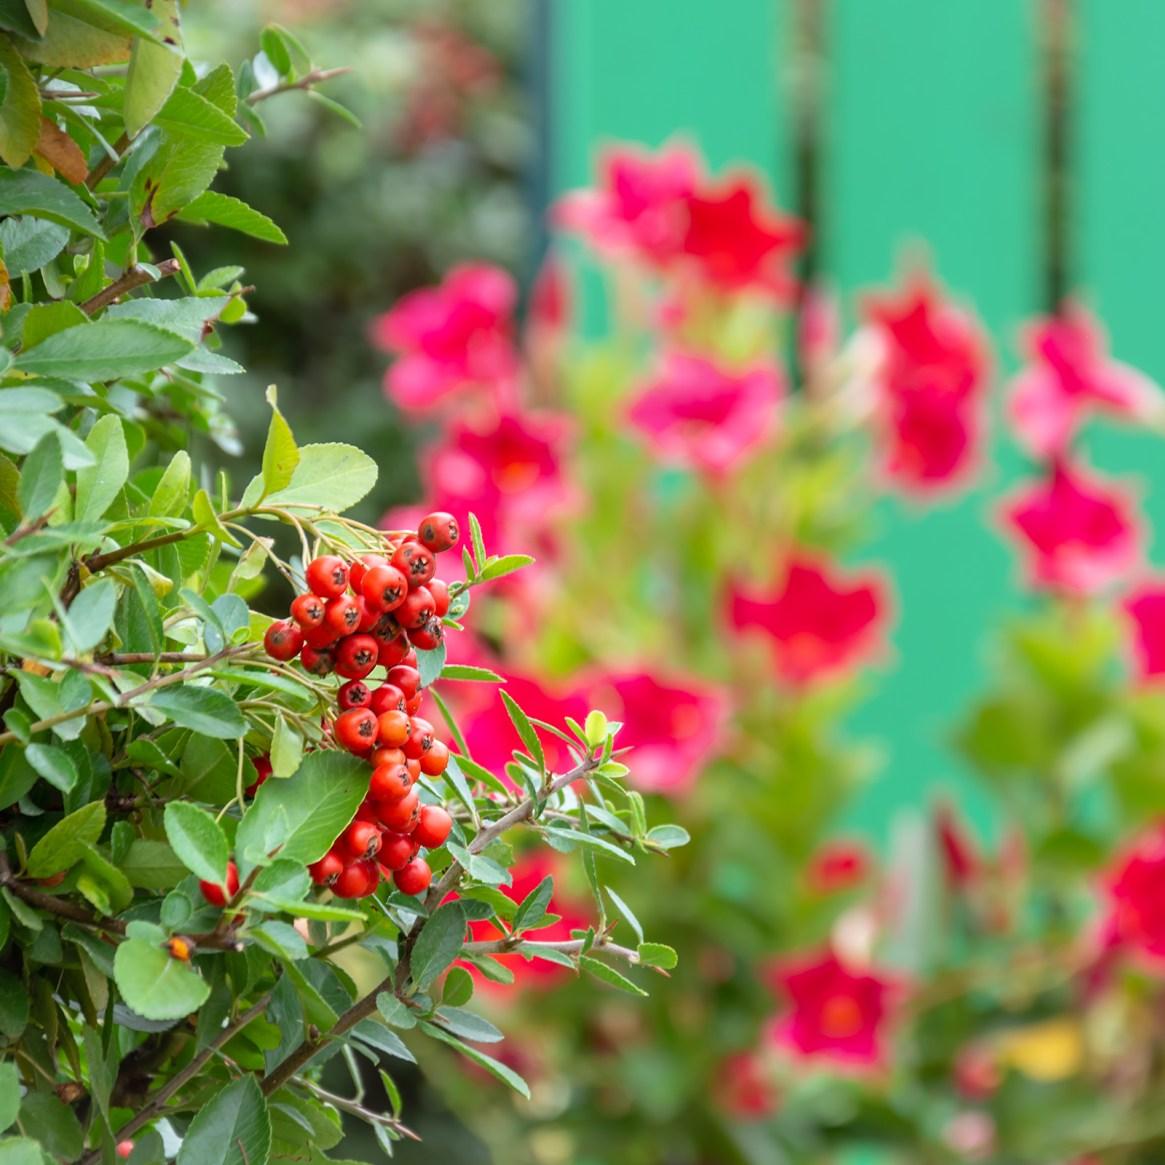 Blumen; Garten; grün; Zaun; bunt; rot; Ziele nachhaltiger Entwicklung